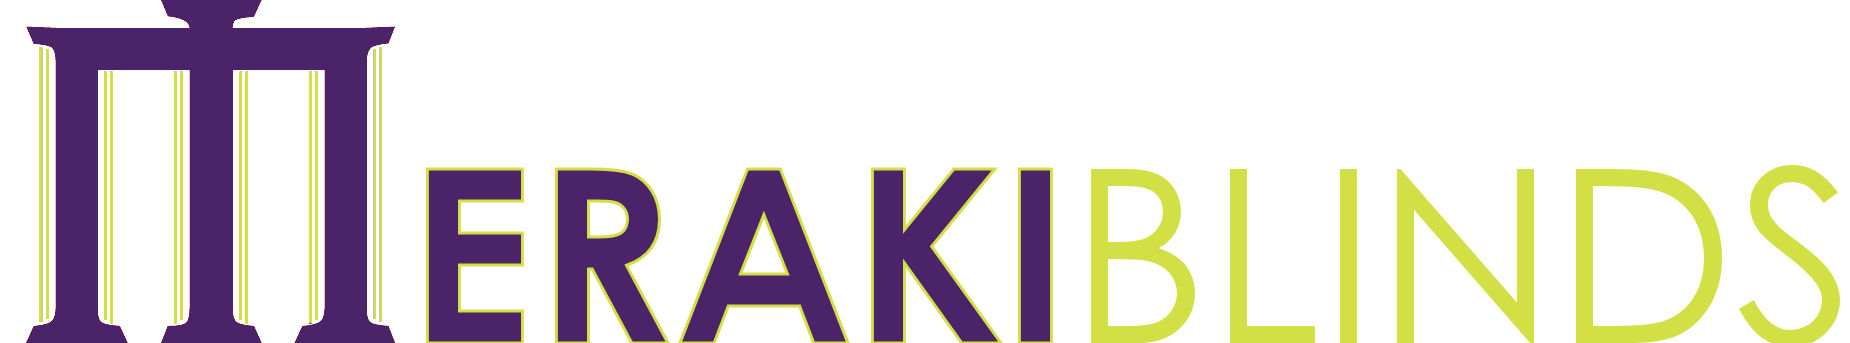 Meraki Life Ltd Logo